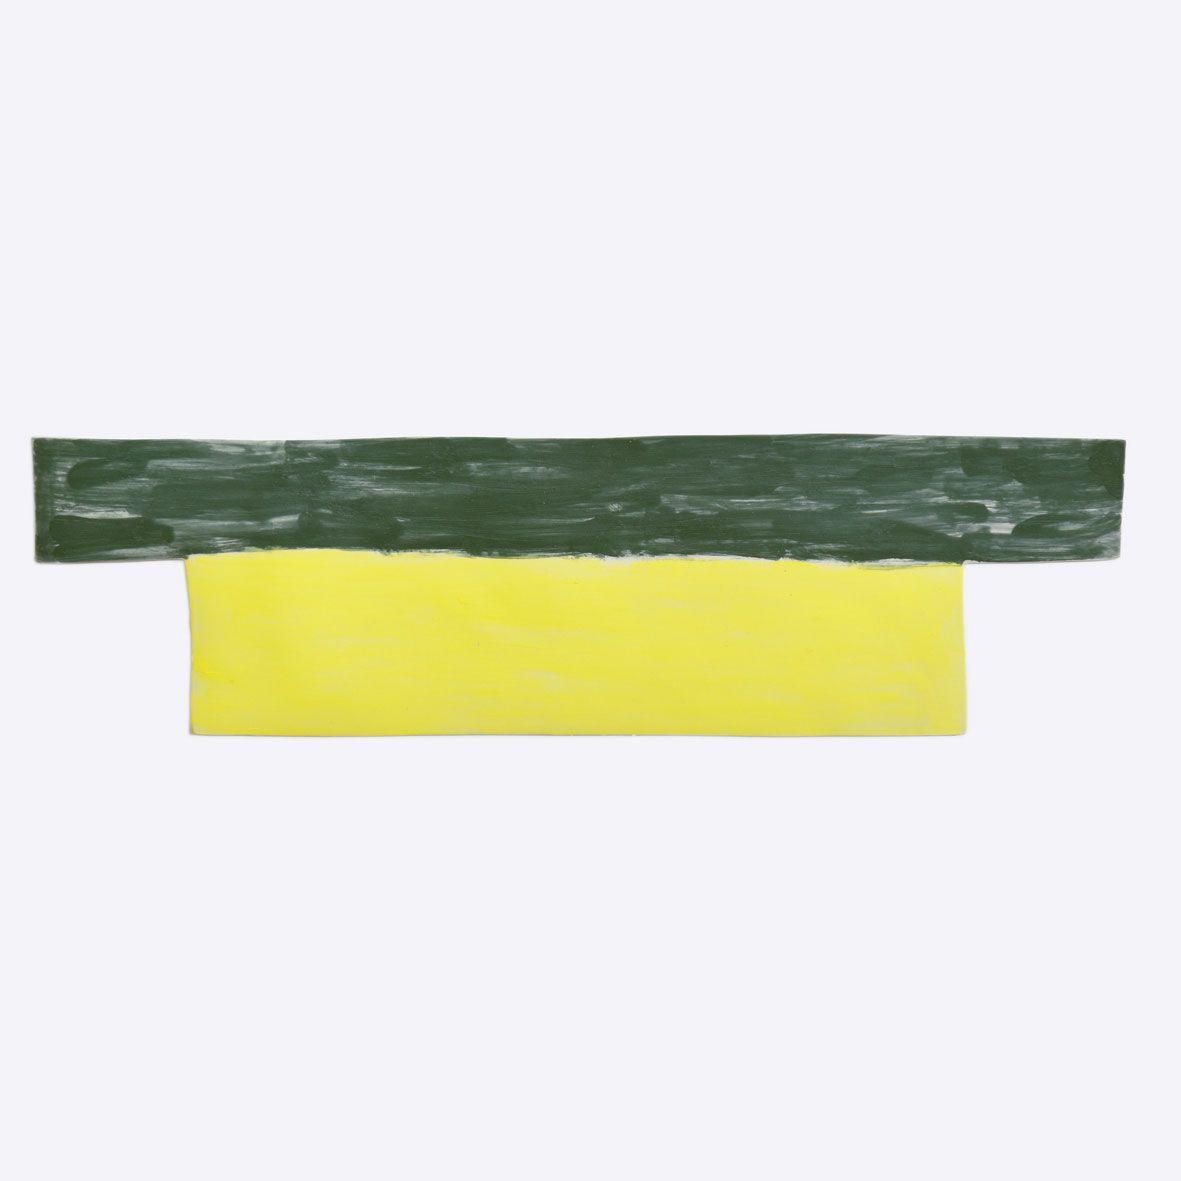 f.cournil-les-formes-plates-sans-titre-23-11x38-2017-c0606e4f705d059ddc91052a29ed825d